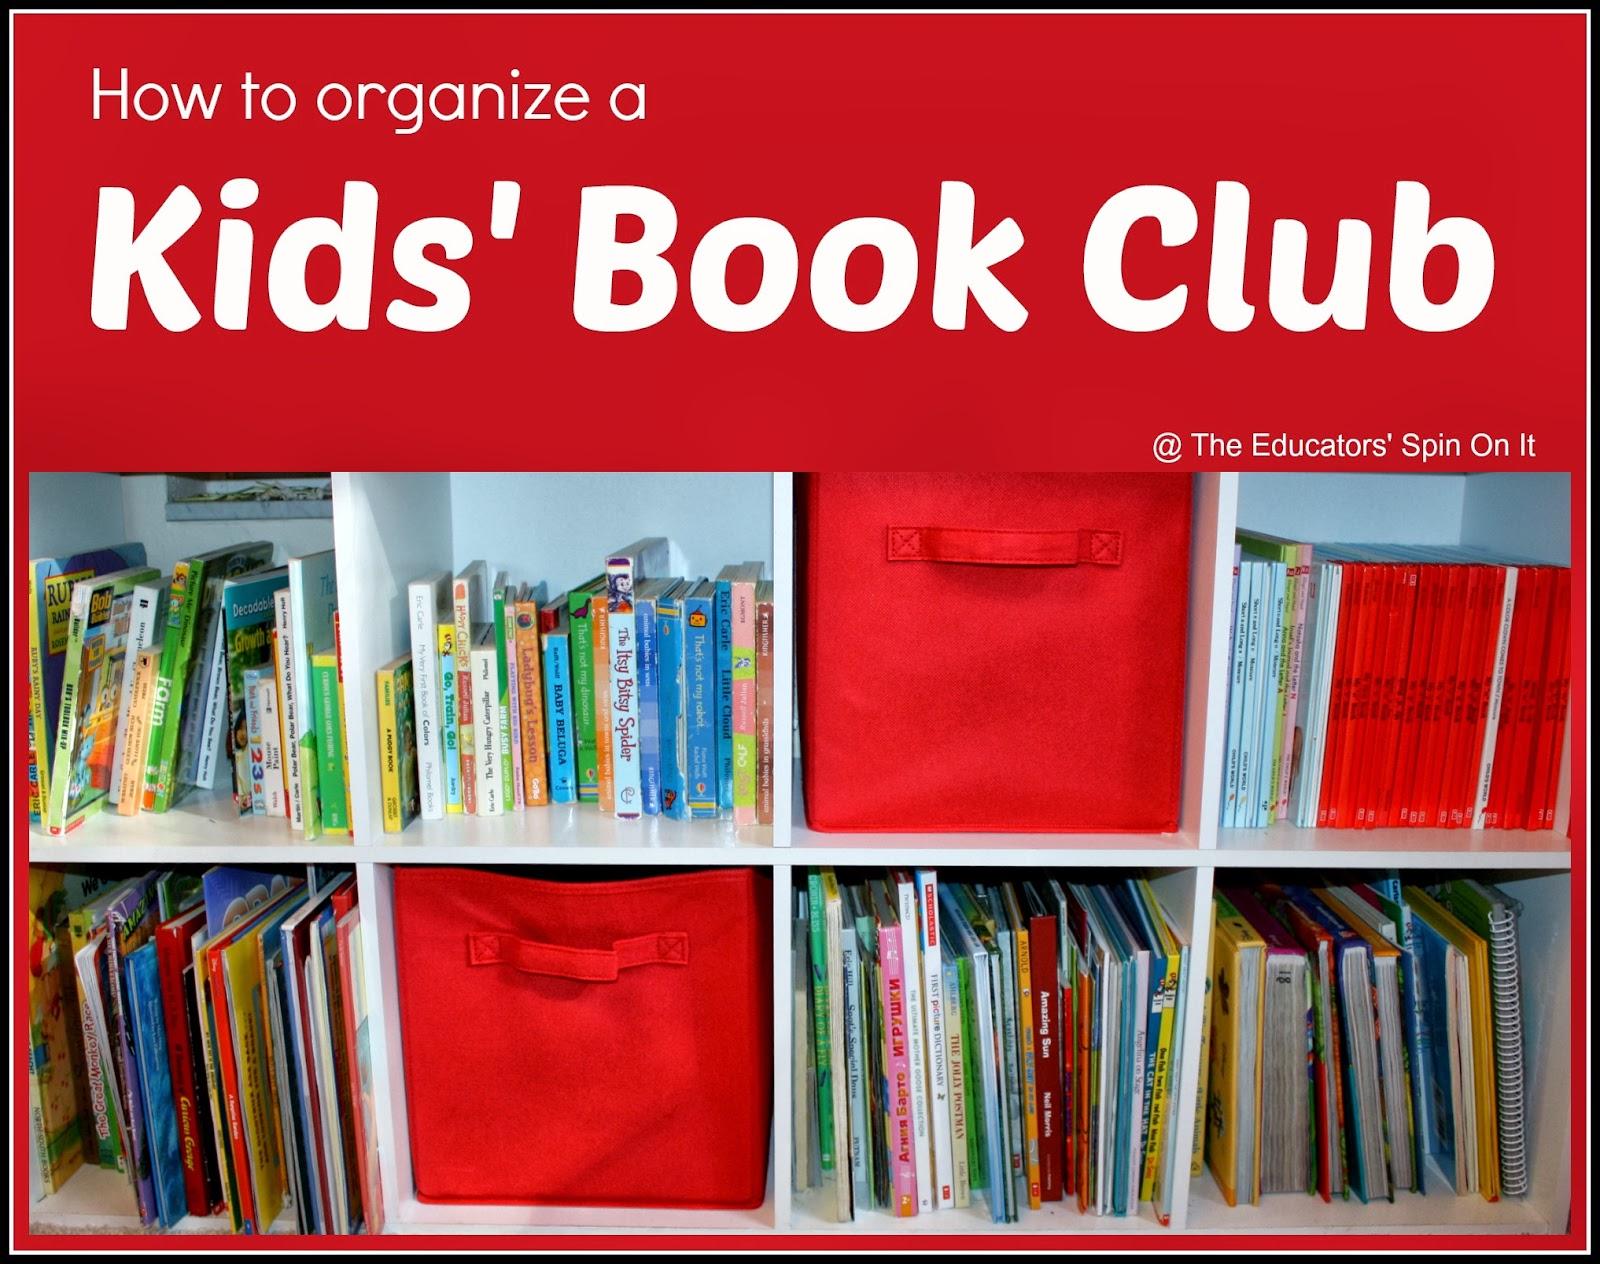 Run Club Ideas How to Run a Kids' Book Club